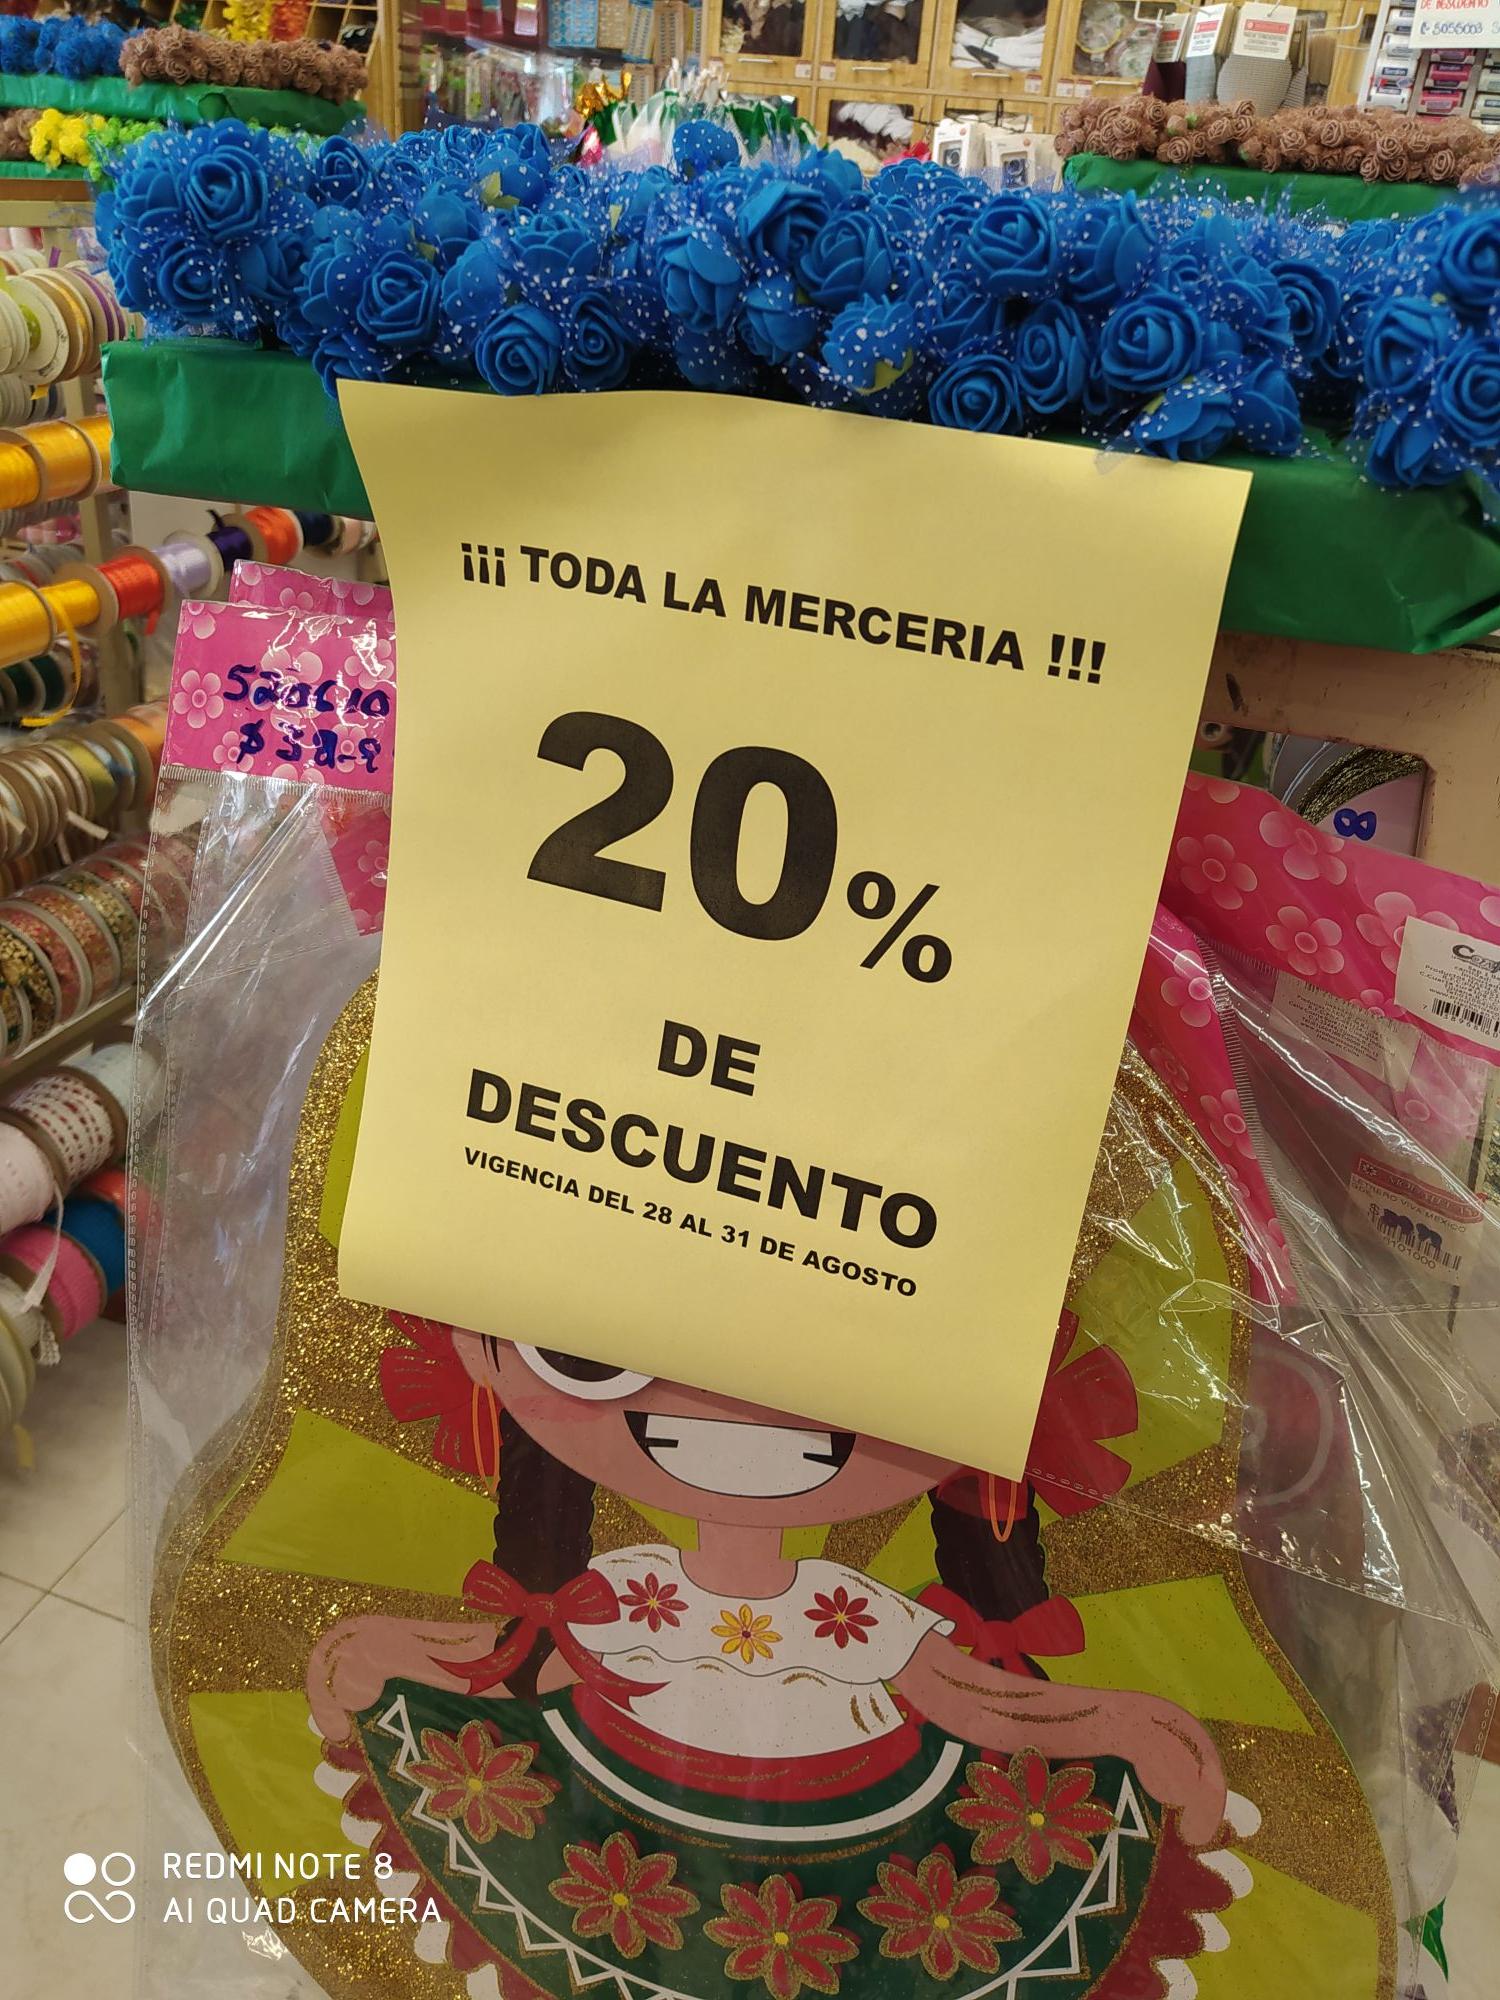 Modatelas: 20% De Descuento en Toda la MERCERIA